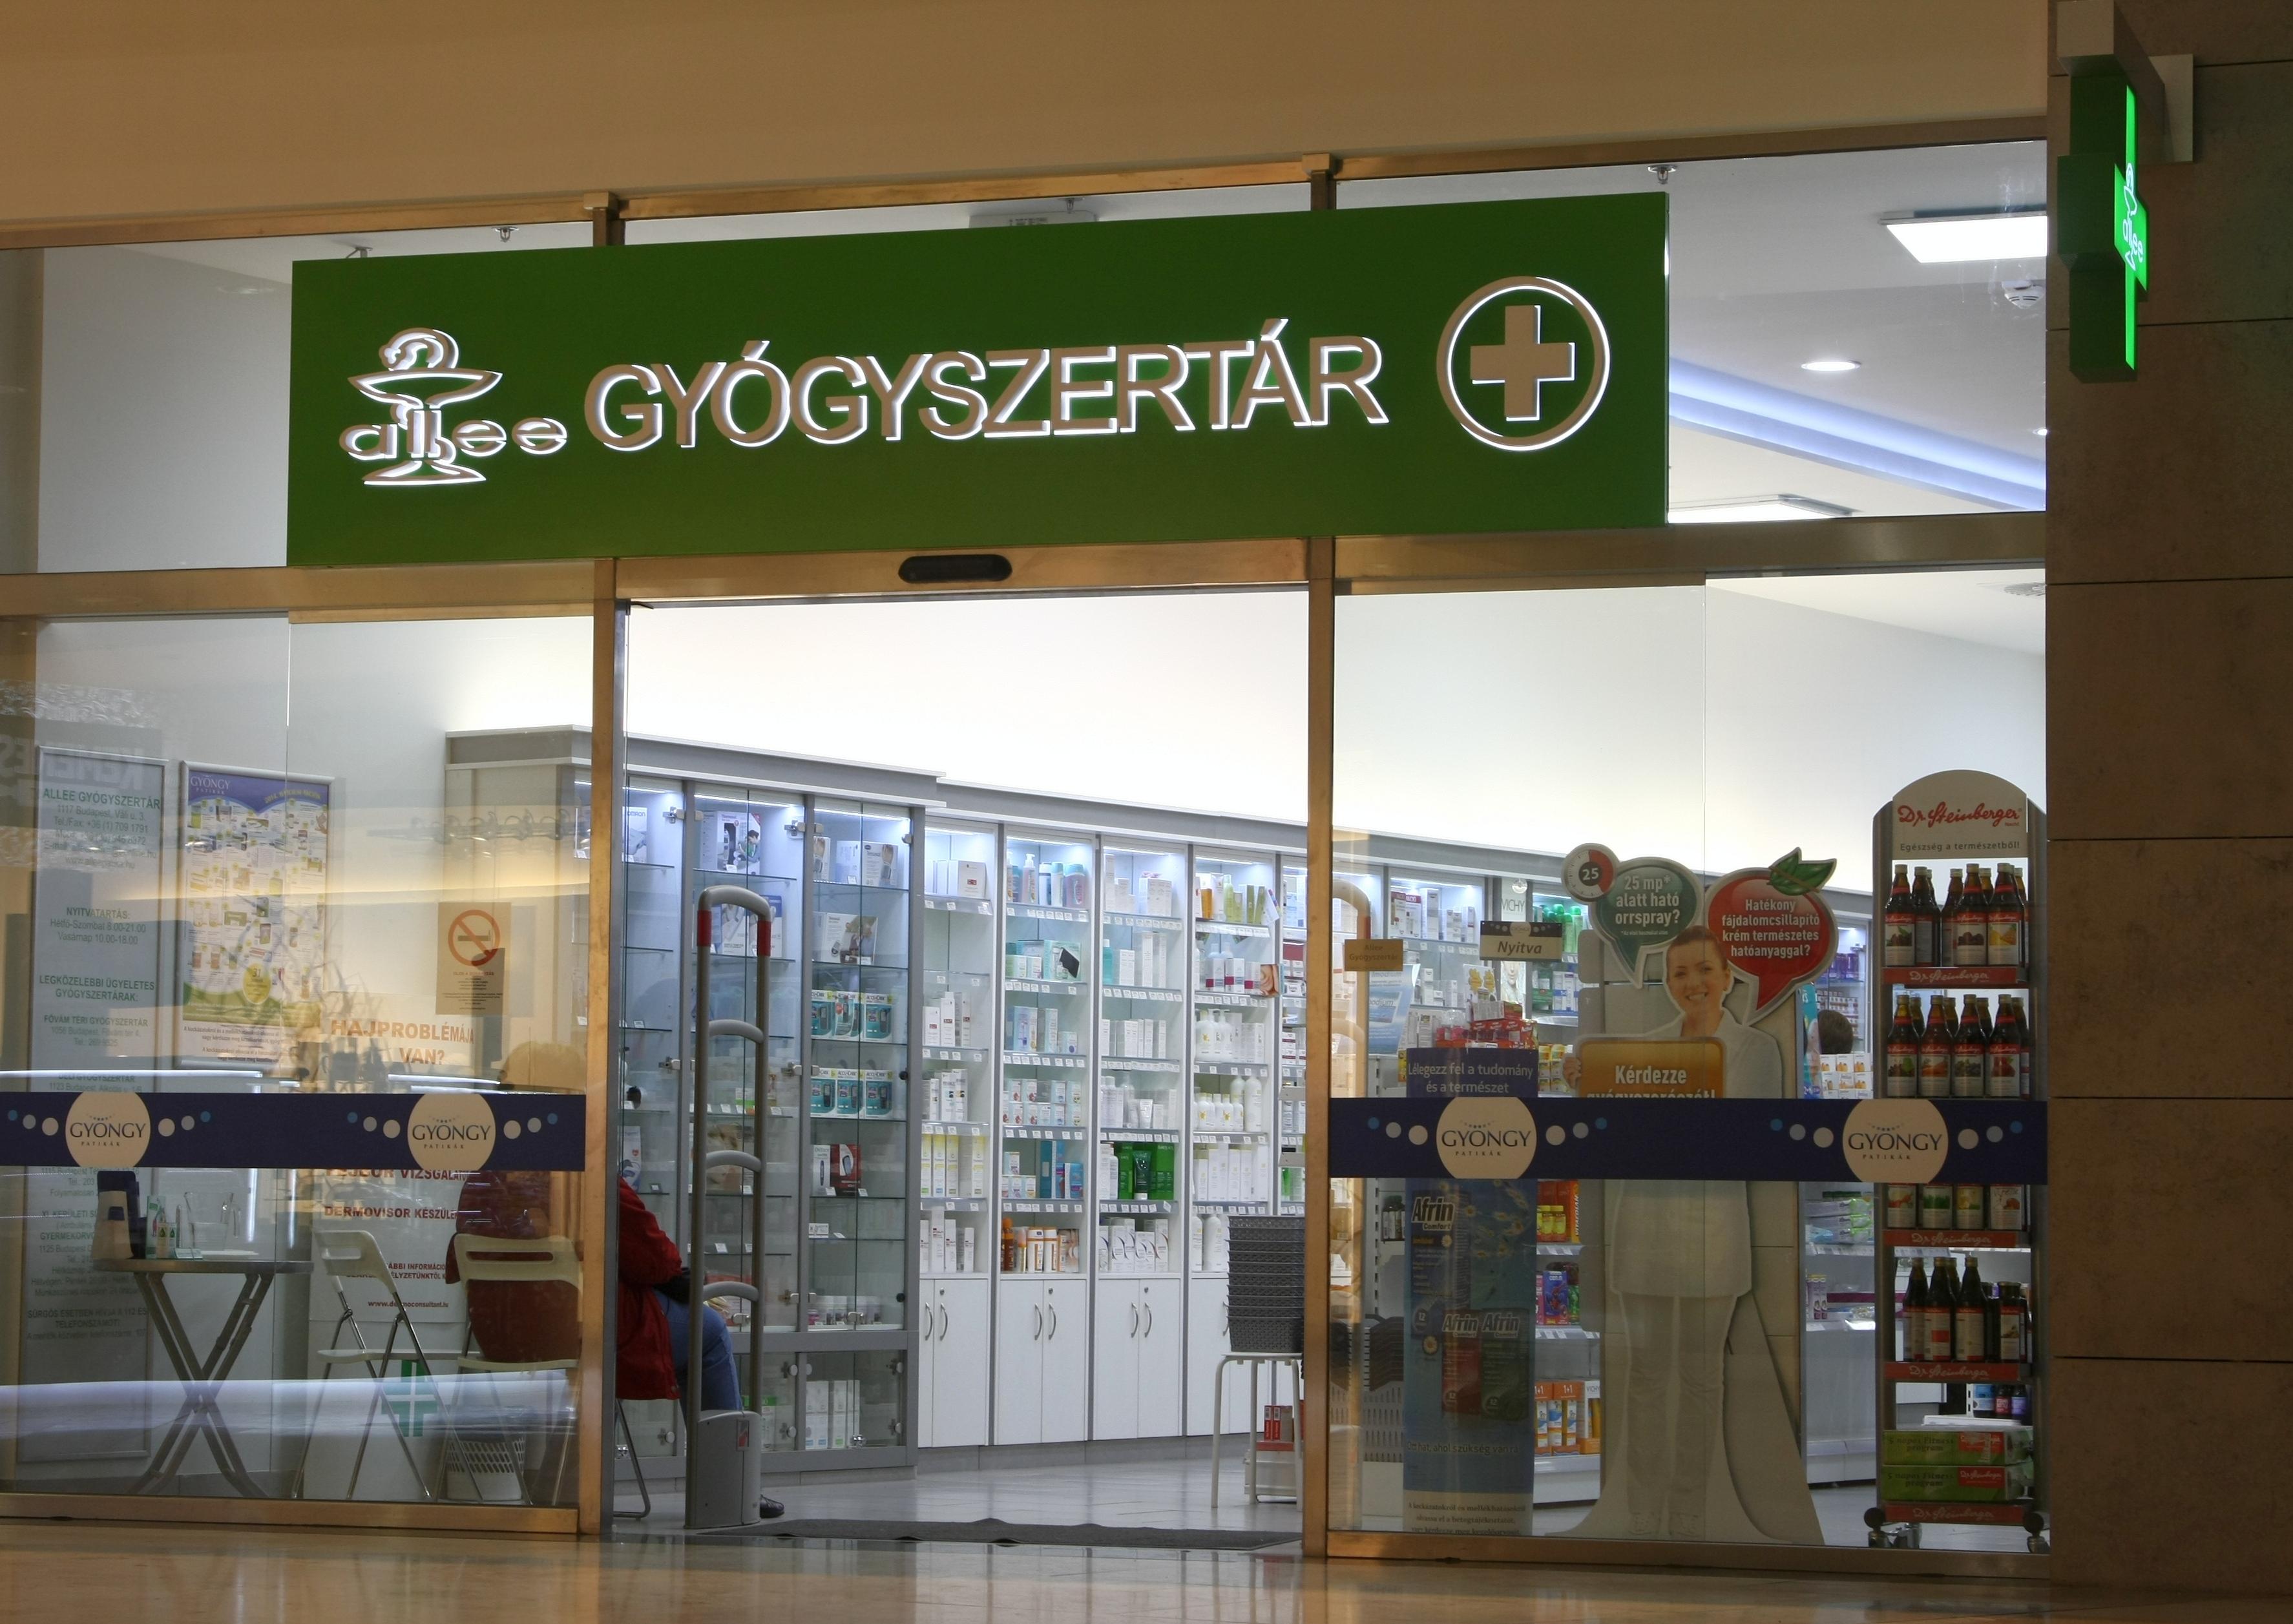 Allee gyógyszertár